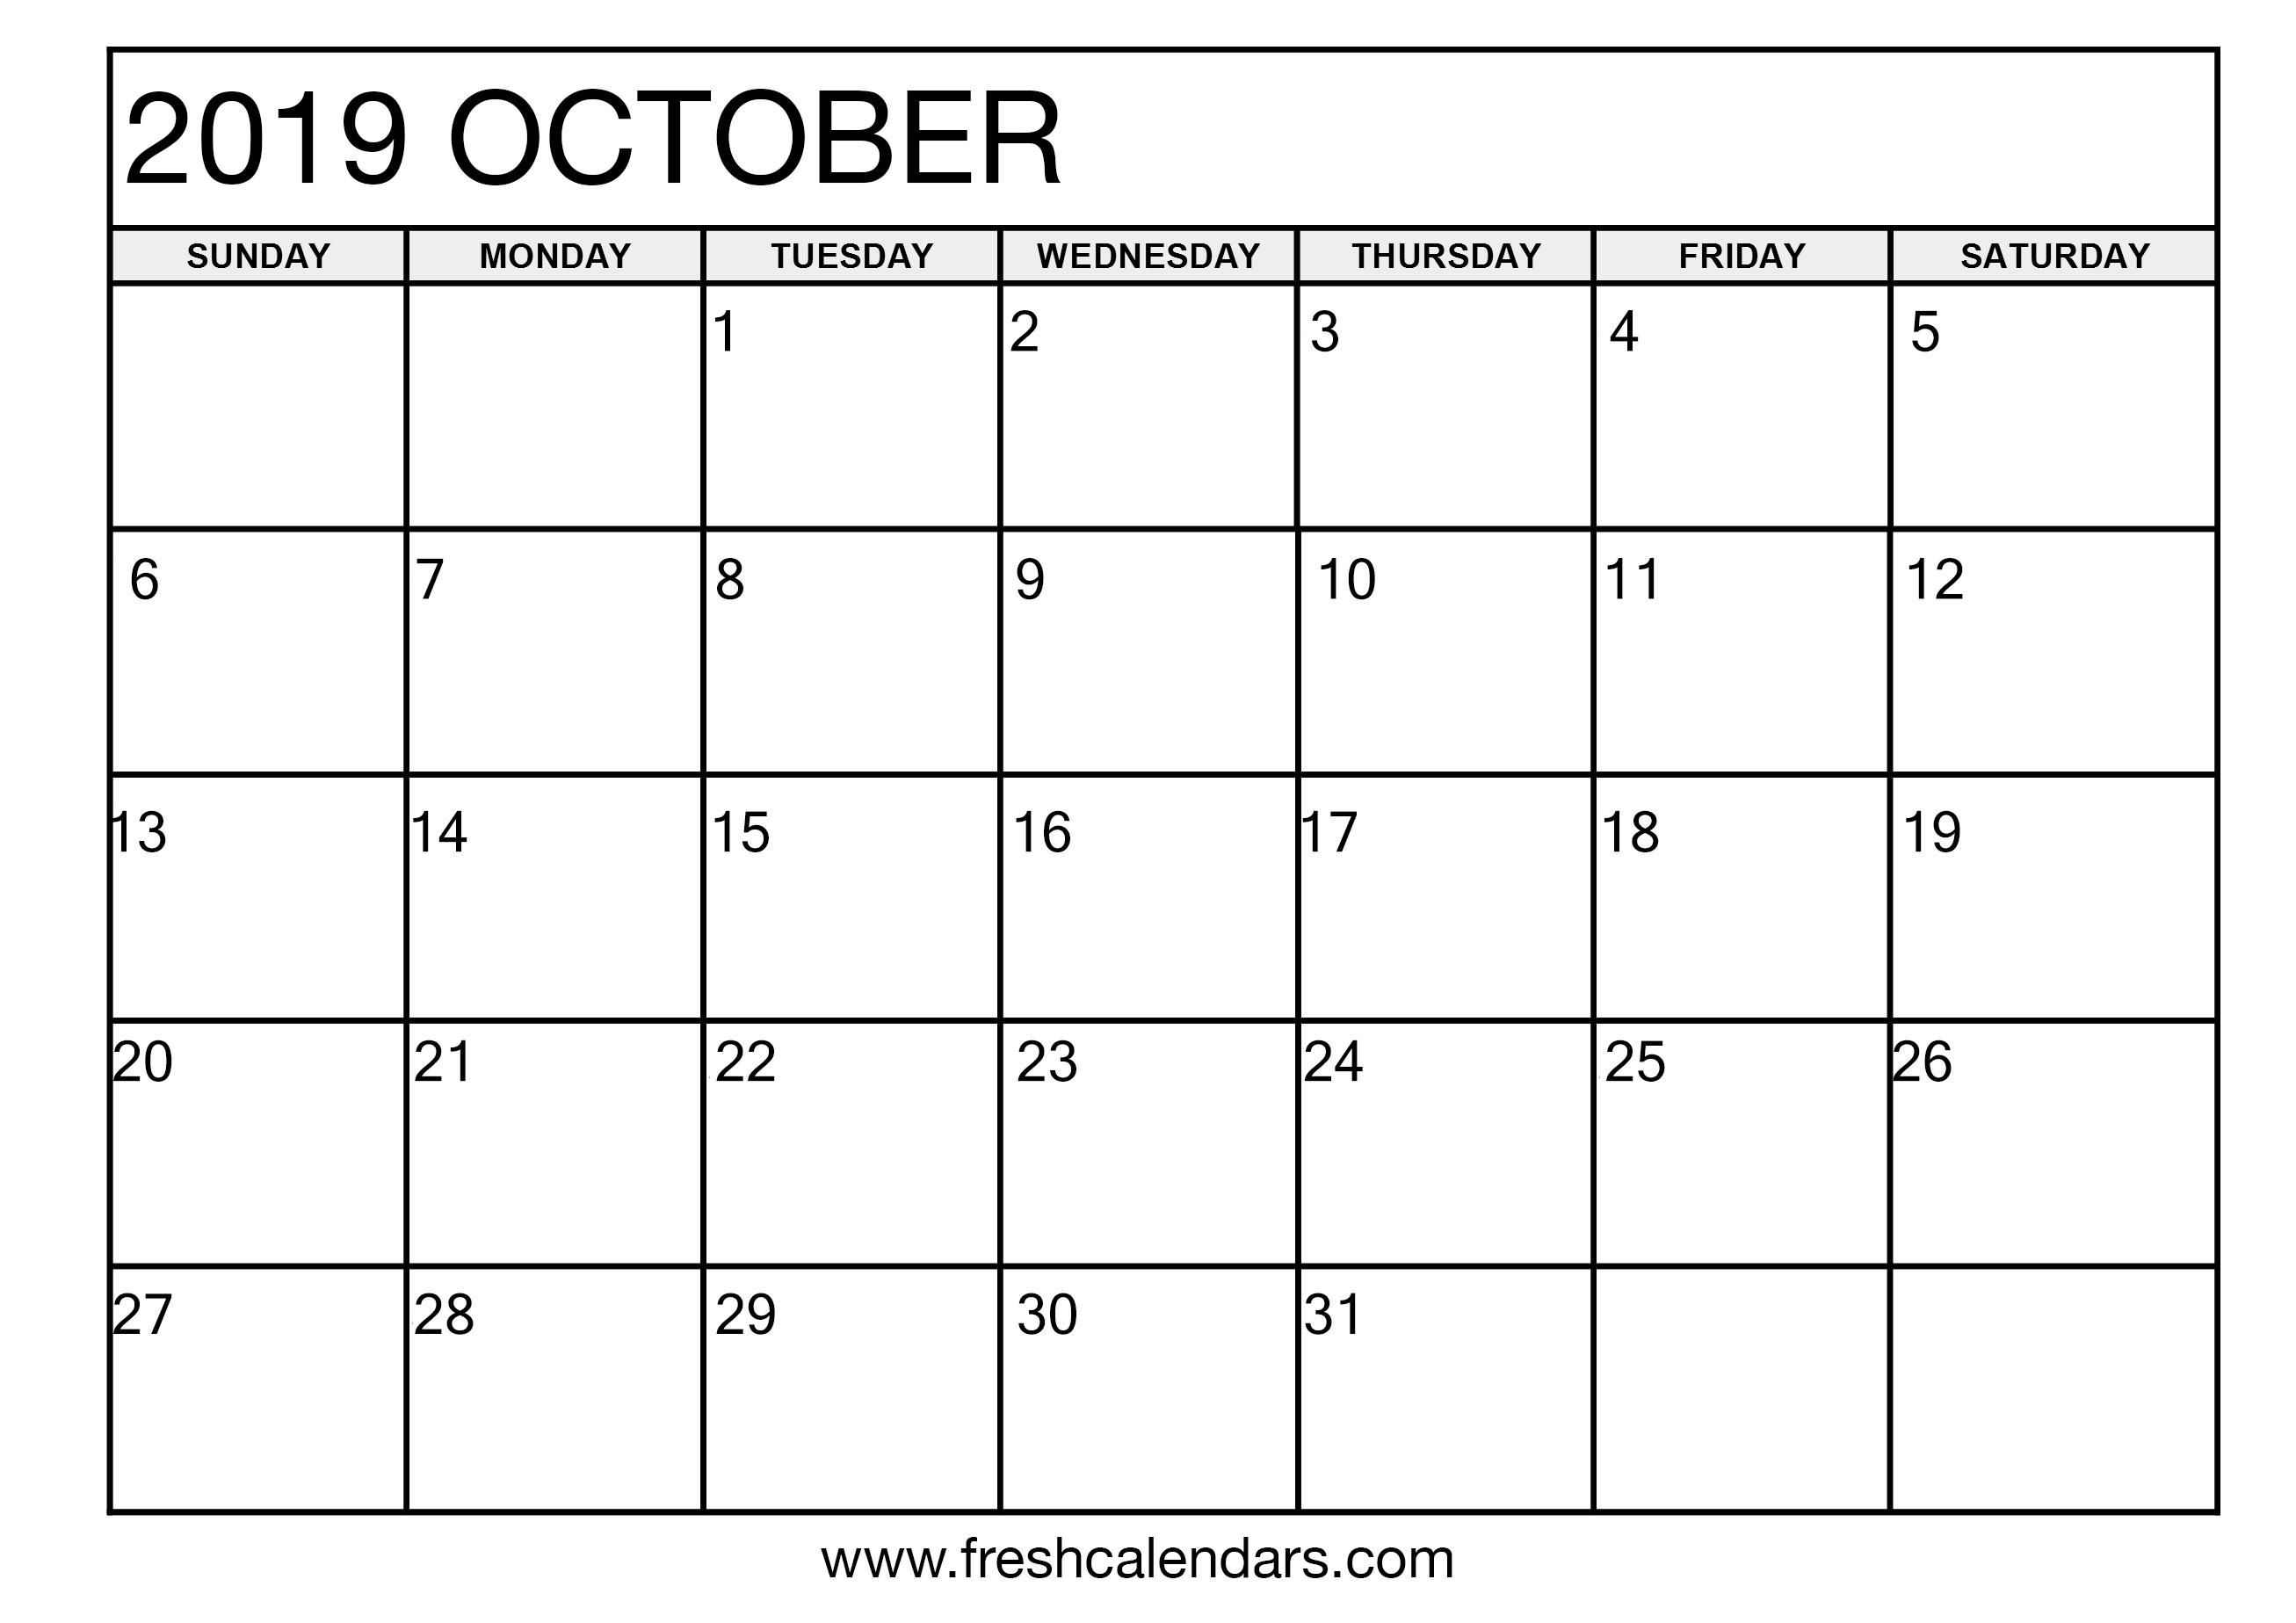 October 2019 Calendar Printable Templates